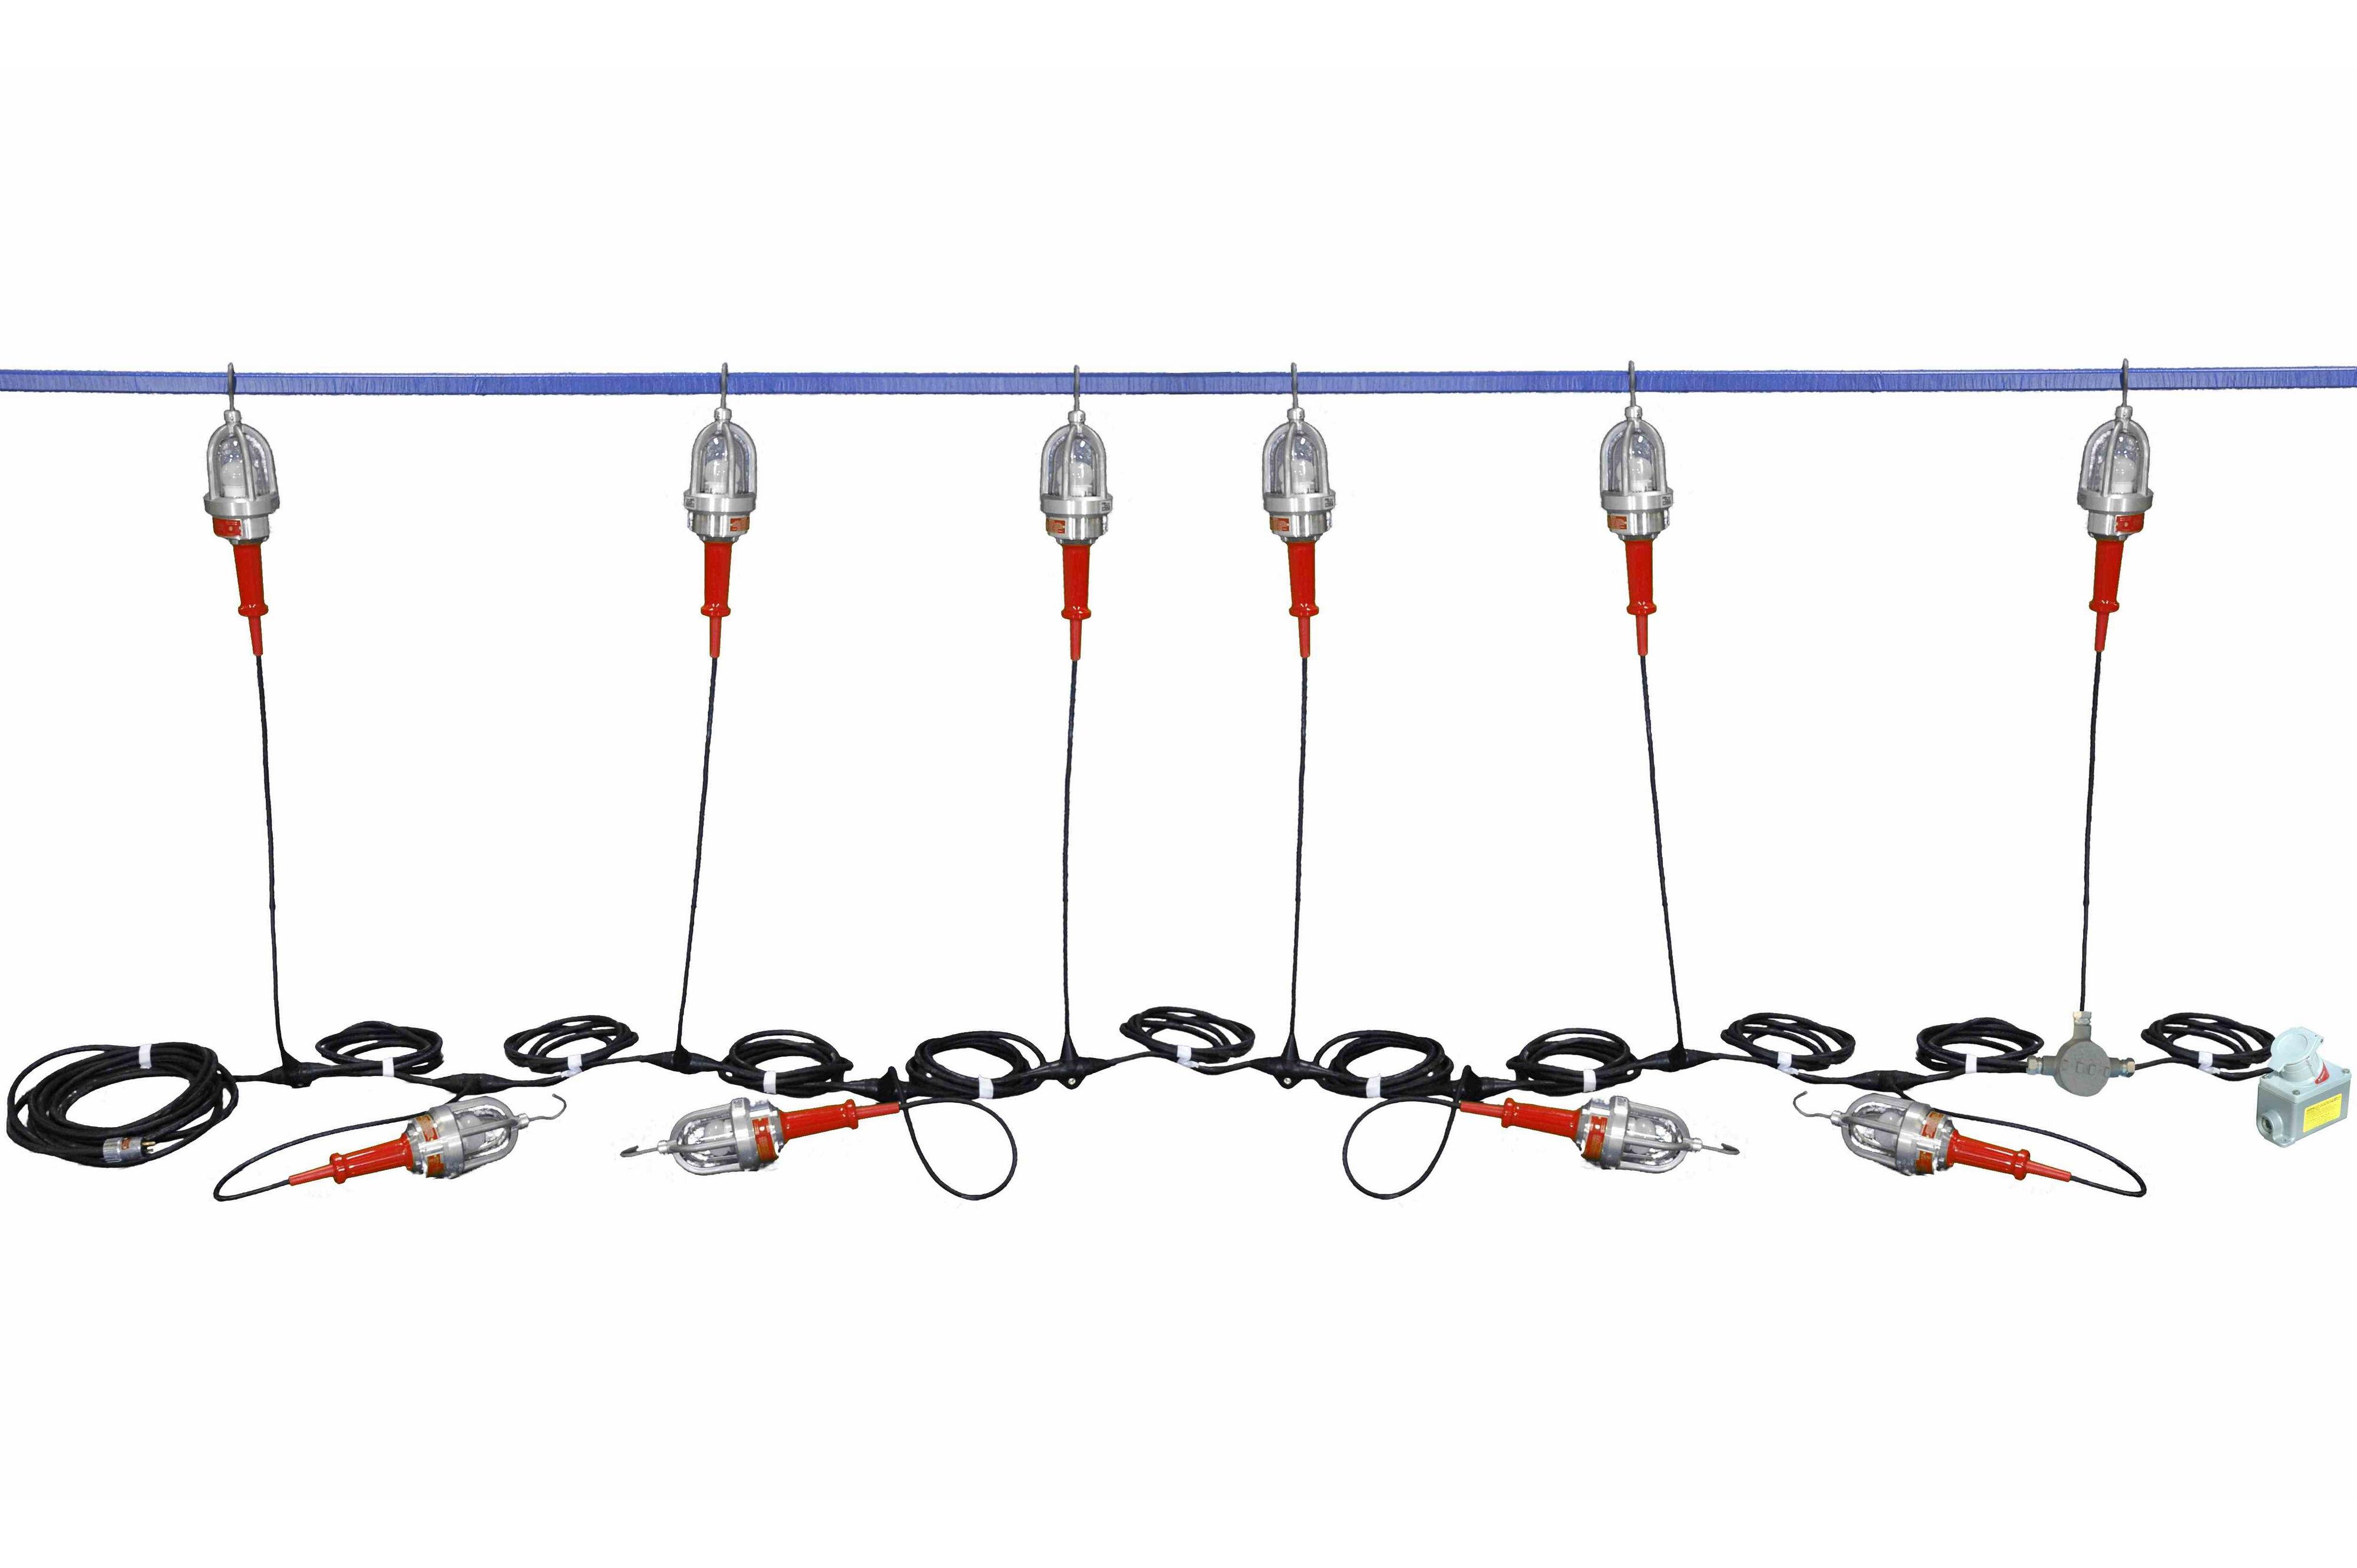 Explosion Proof Led String Lights